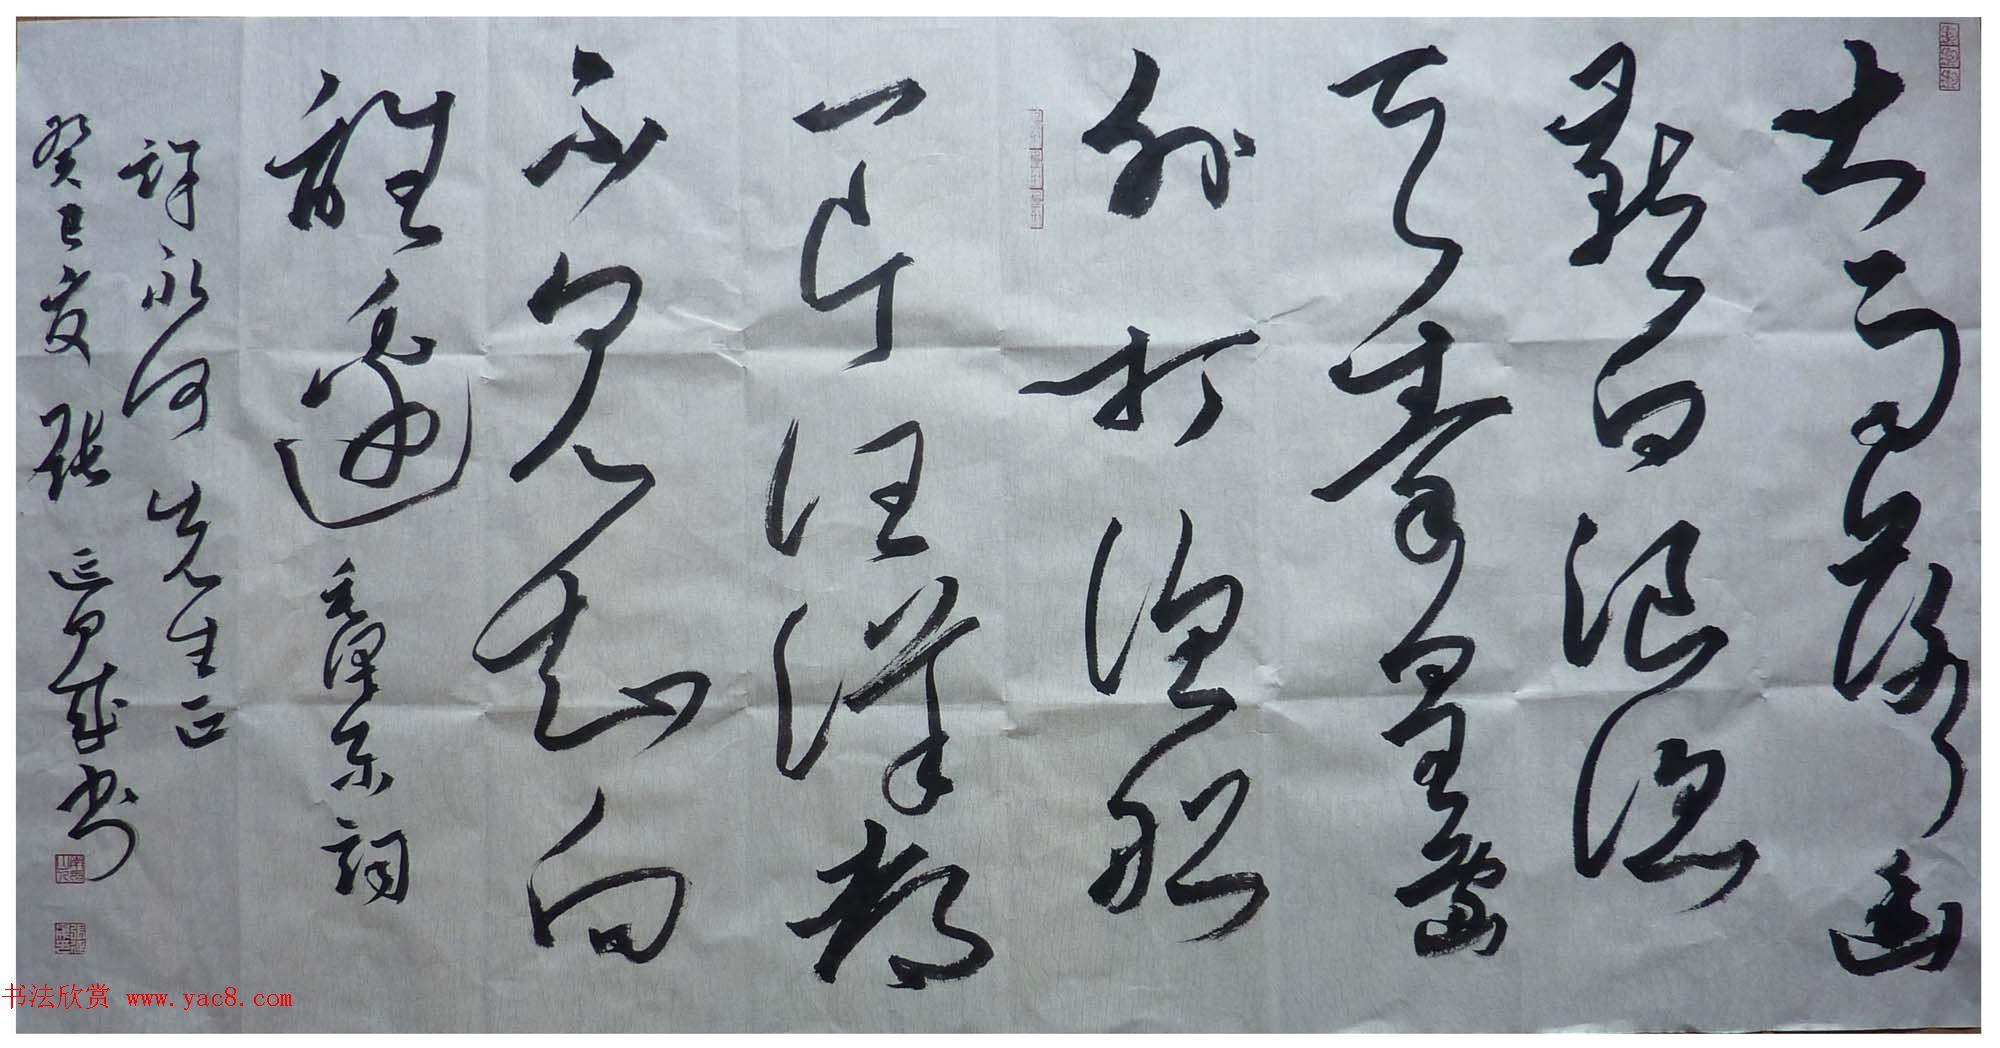 稿选刊 张延晟行草书法作品条幅与对联投稿作品书法欣赏 -来稿选刊